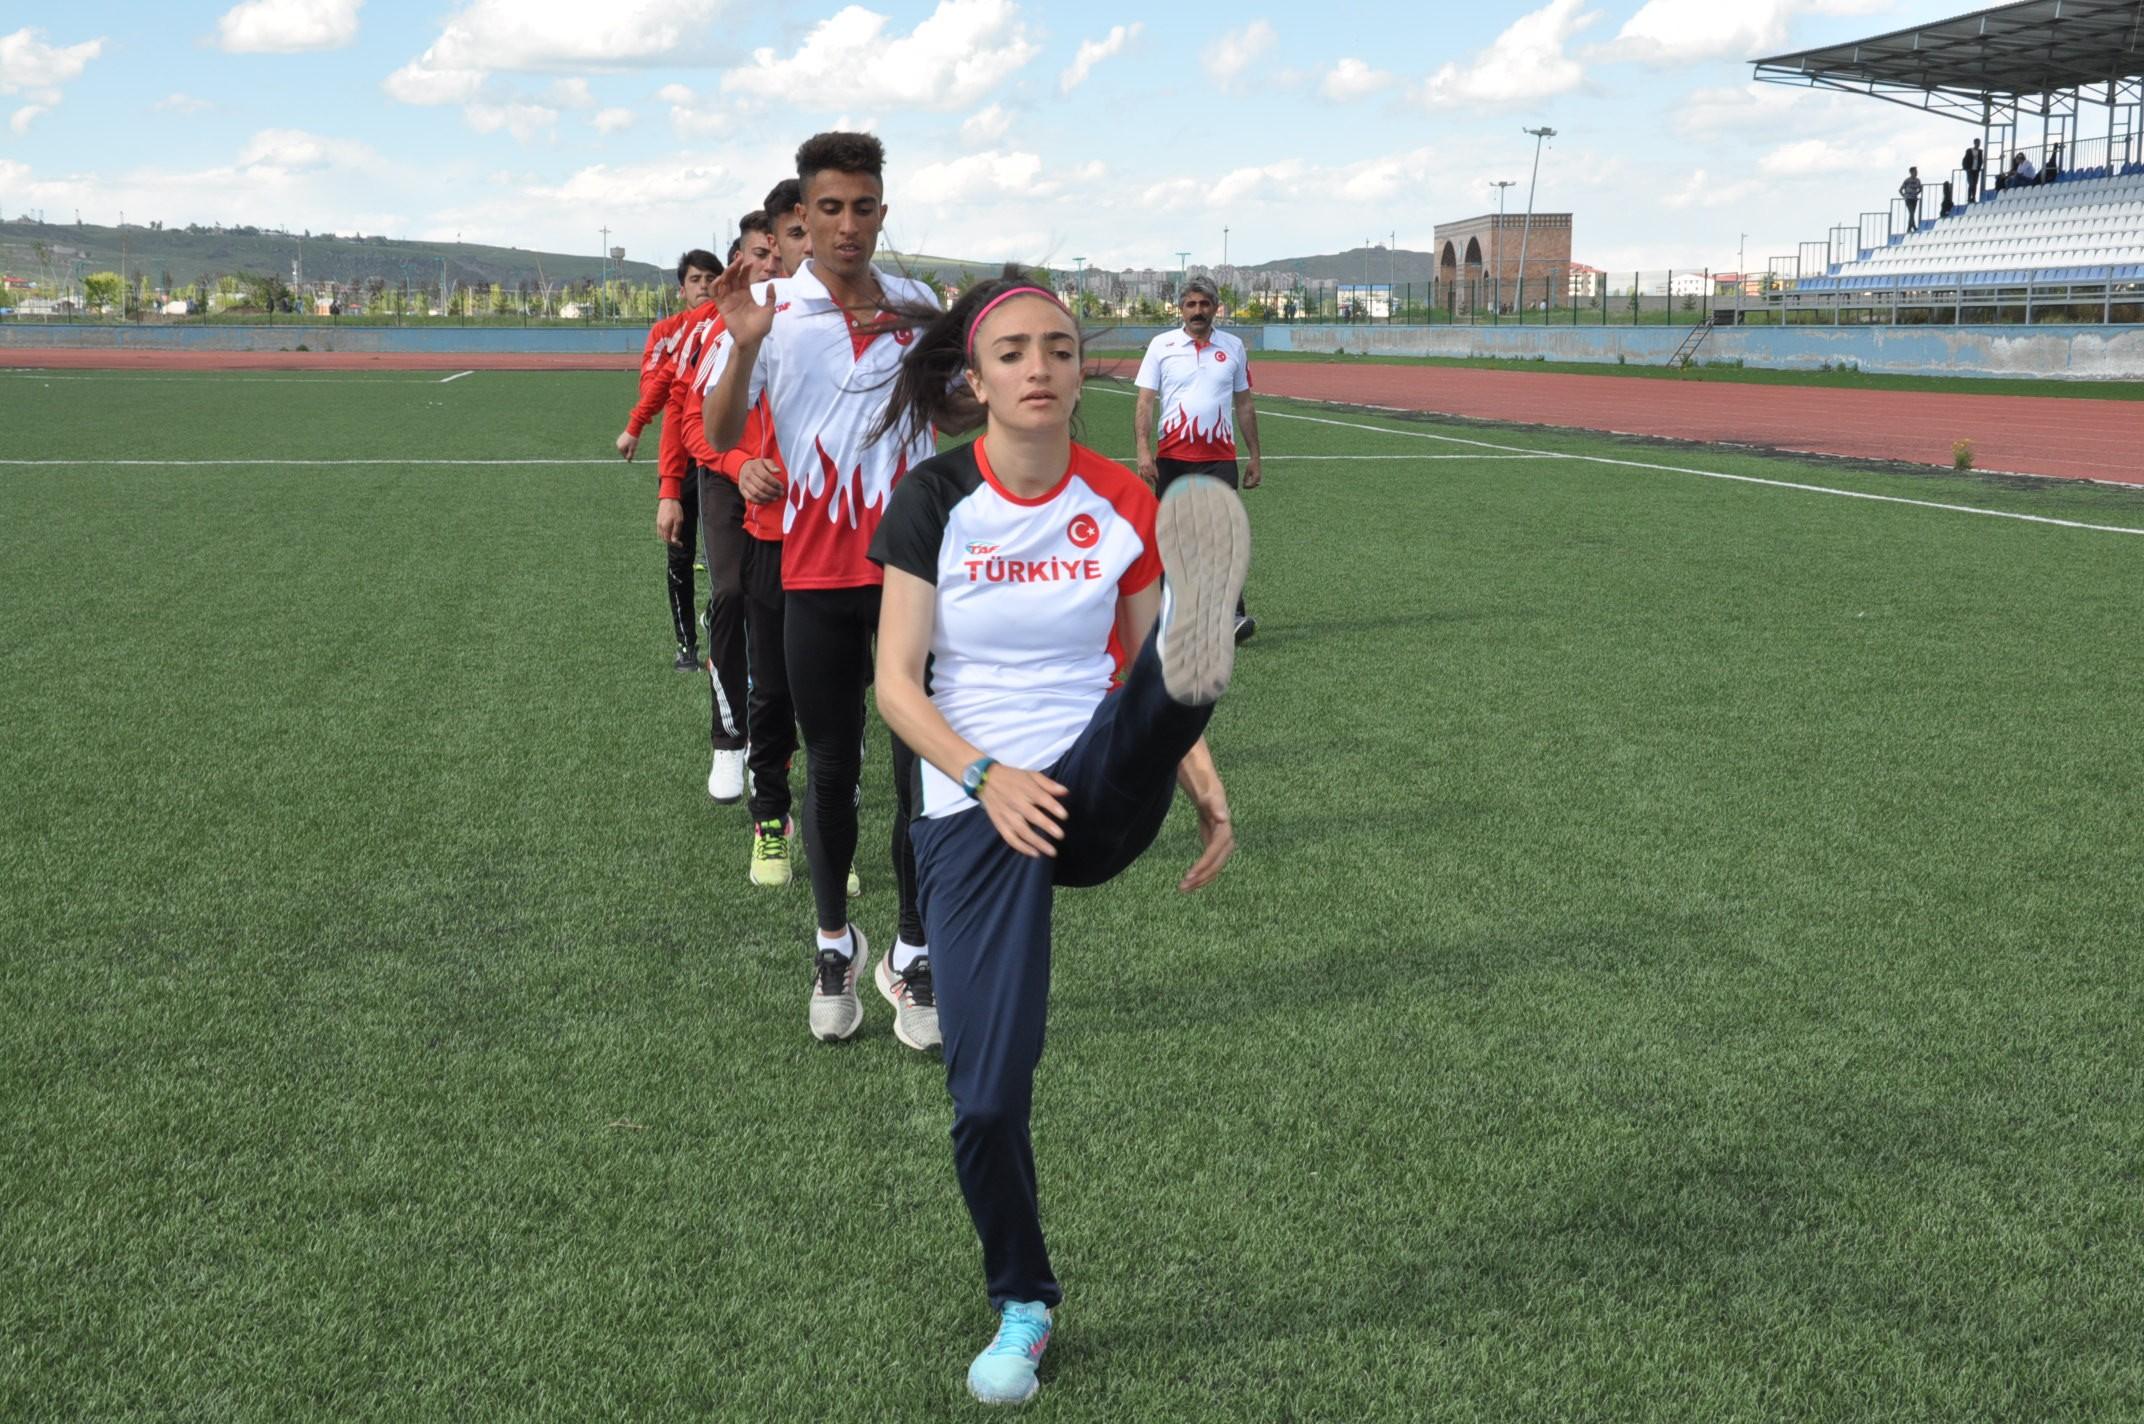 karsli-milli-atletler,-calismalarini-bayramda-da-surduruyor-(2).jpg